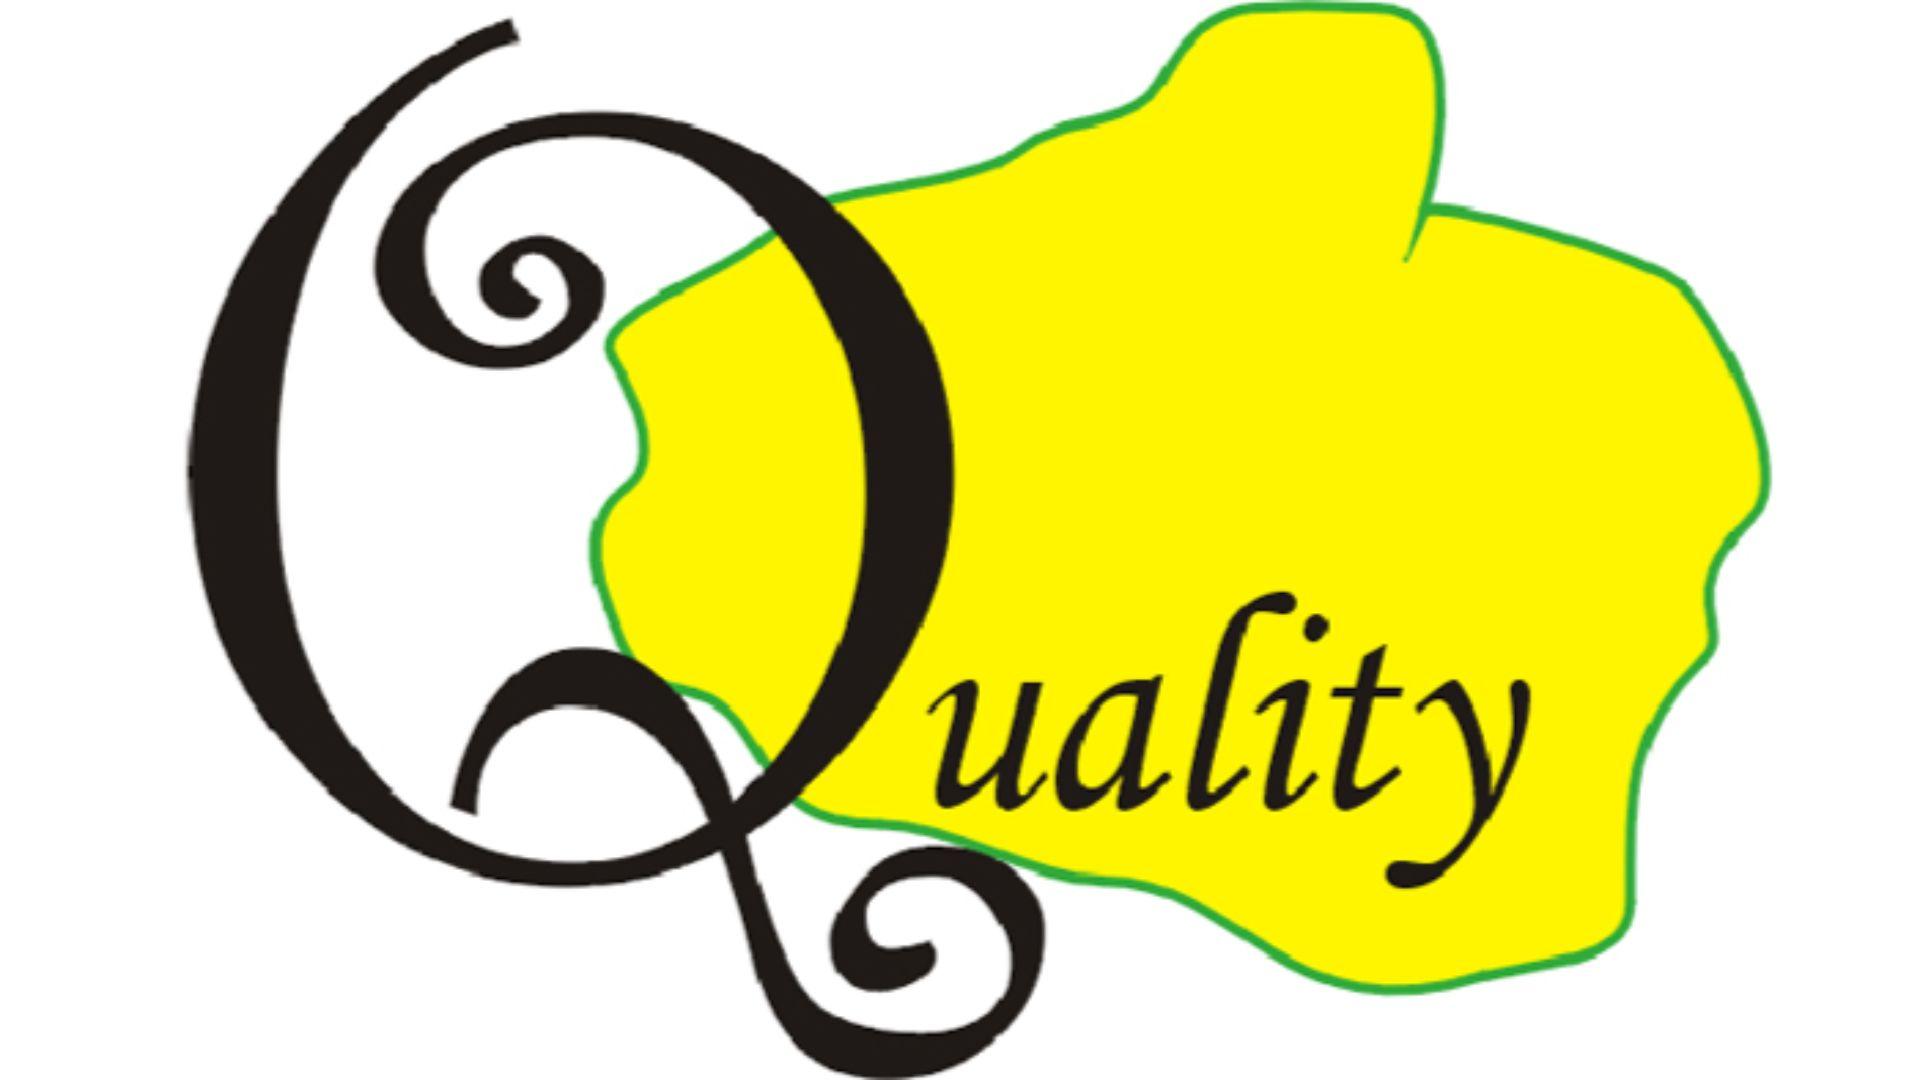 Można składać wnioski o WYRÓŻNIENIE QUALITY